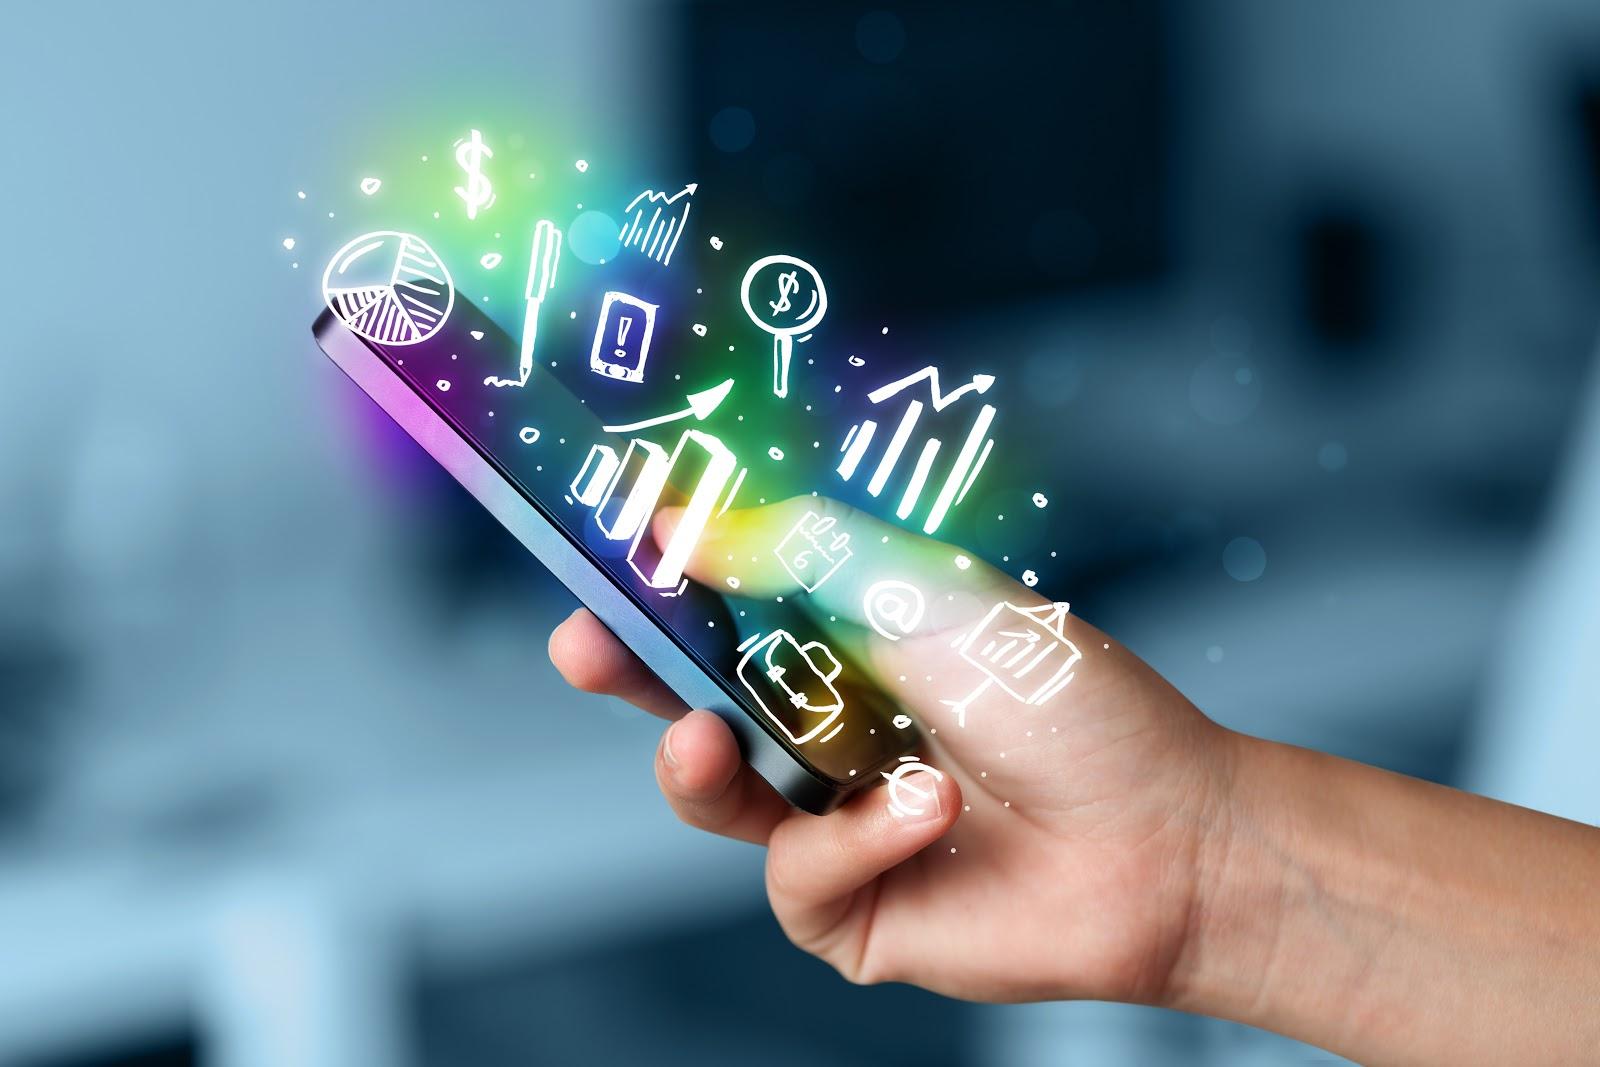 Блог о технике с новостями смартфонов